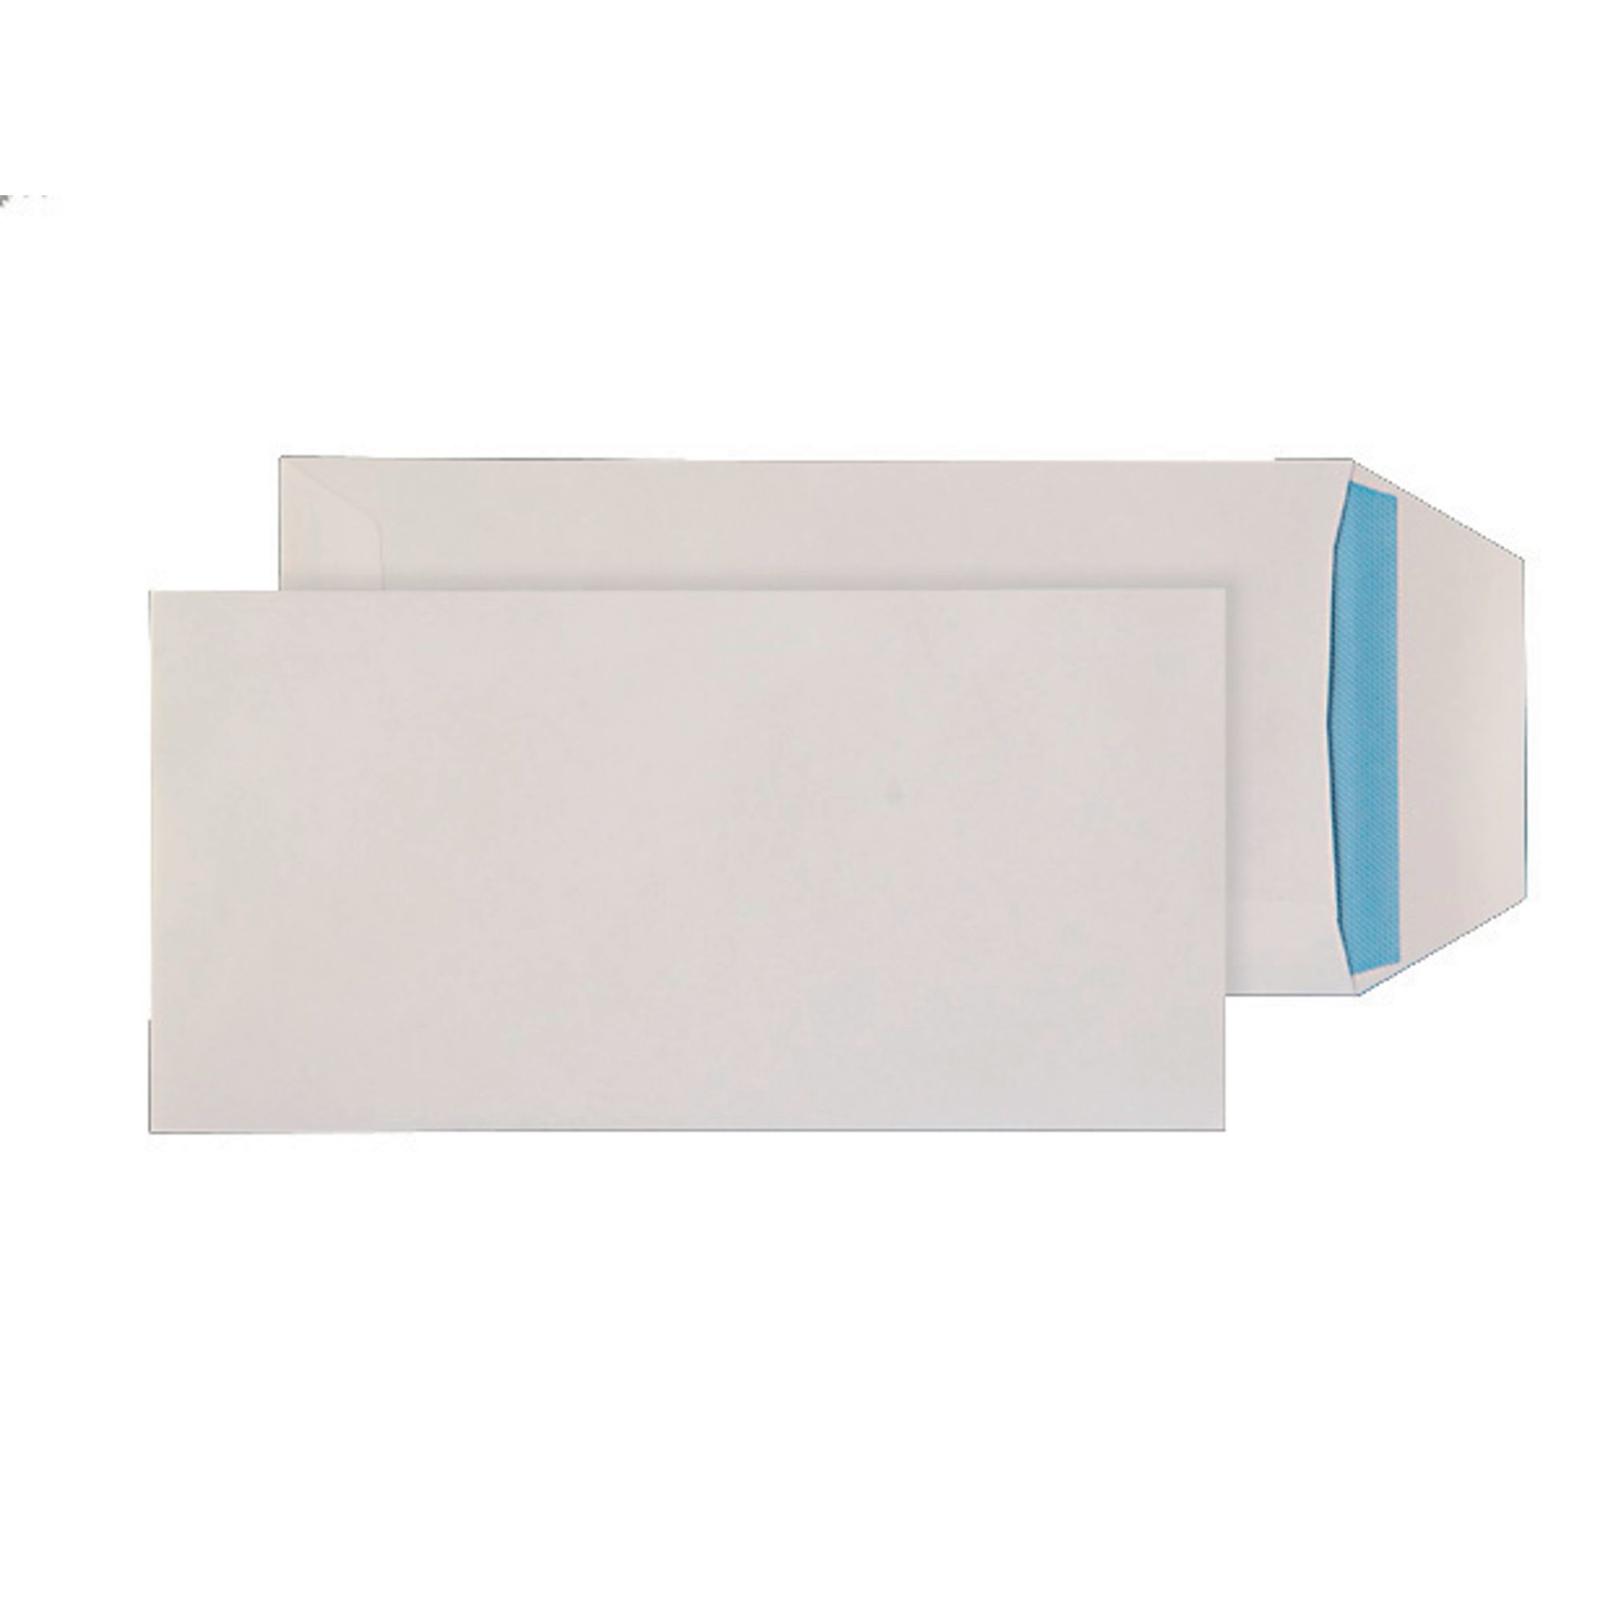 DL White Self Seal Pocket Envelopes - Box of 1000